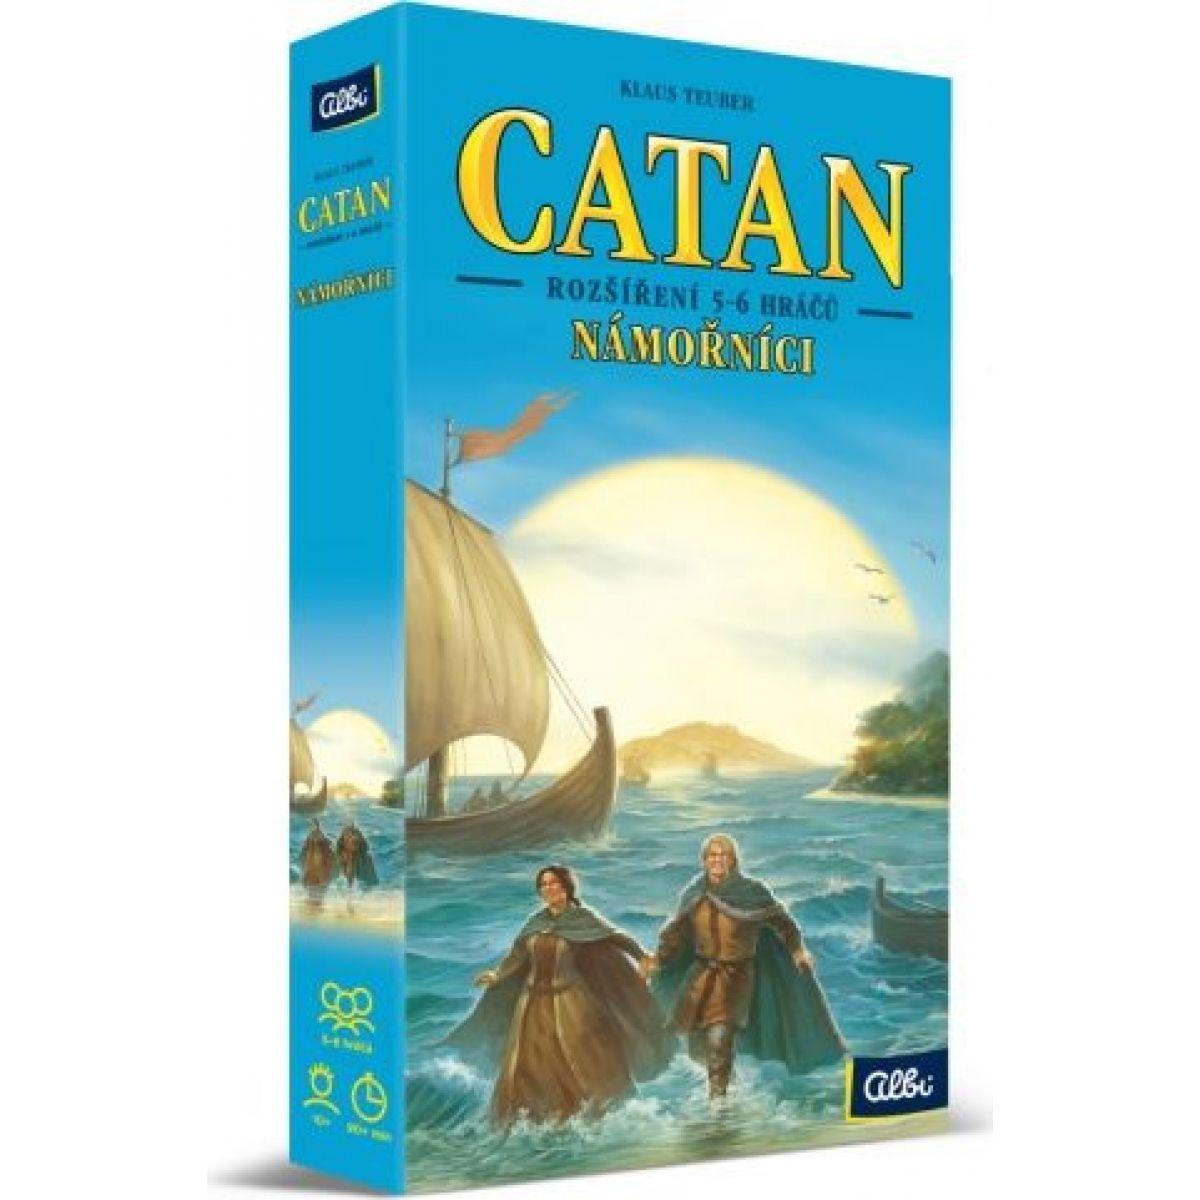 Albi Catan Námořníci 5-6 hráčů Albi